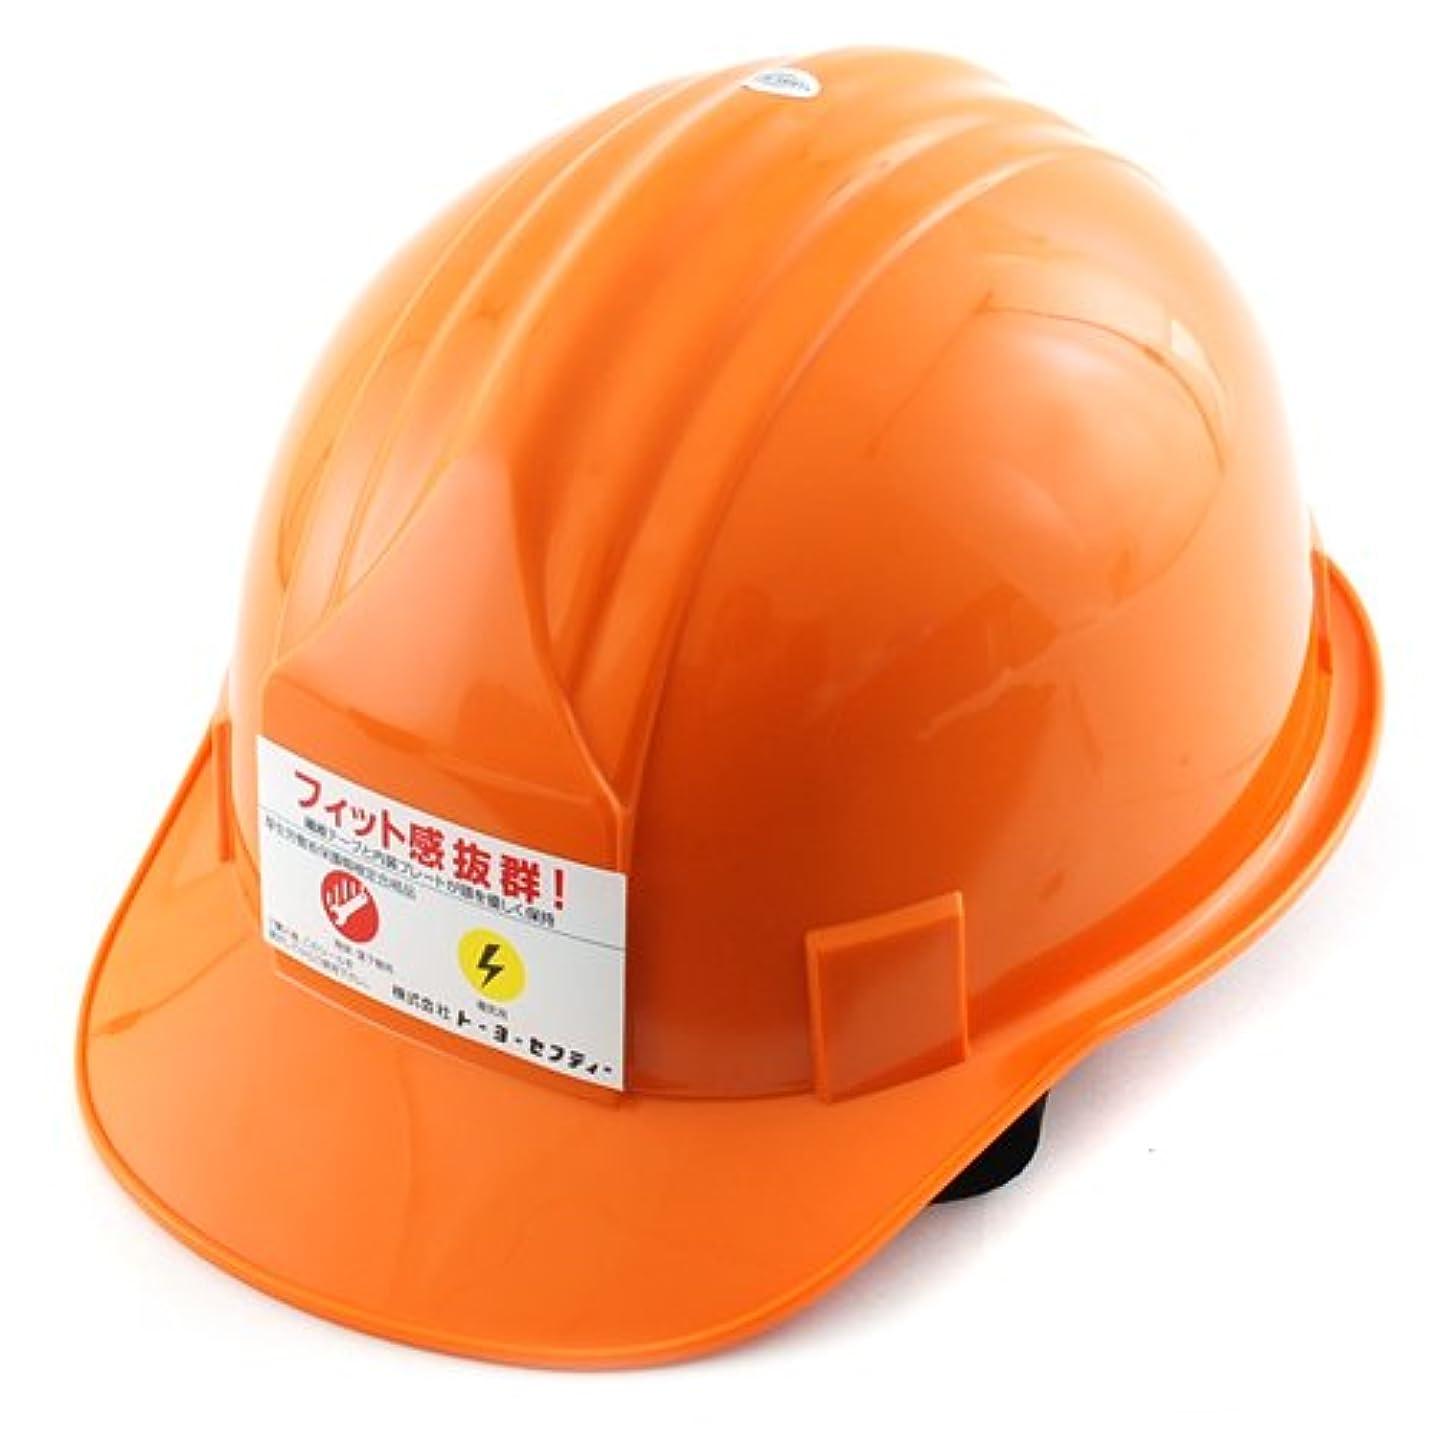 語カセット確認してくださいTOYO ヘルメット No.310 オレンジ 軽量 深型 安定感抜群 日本製